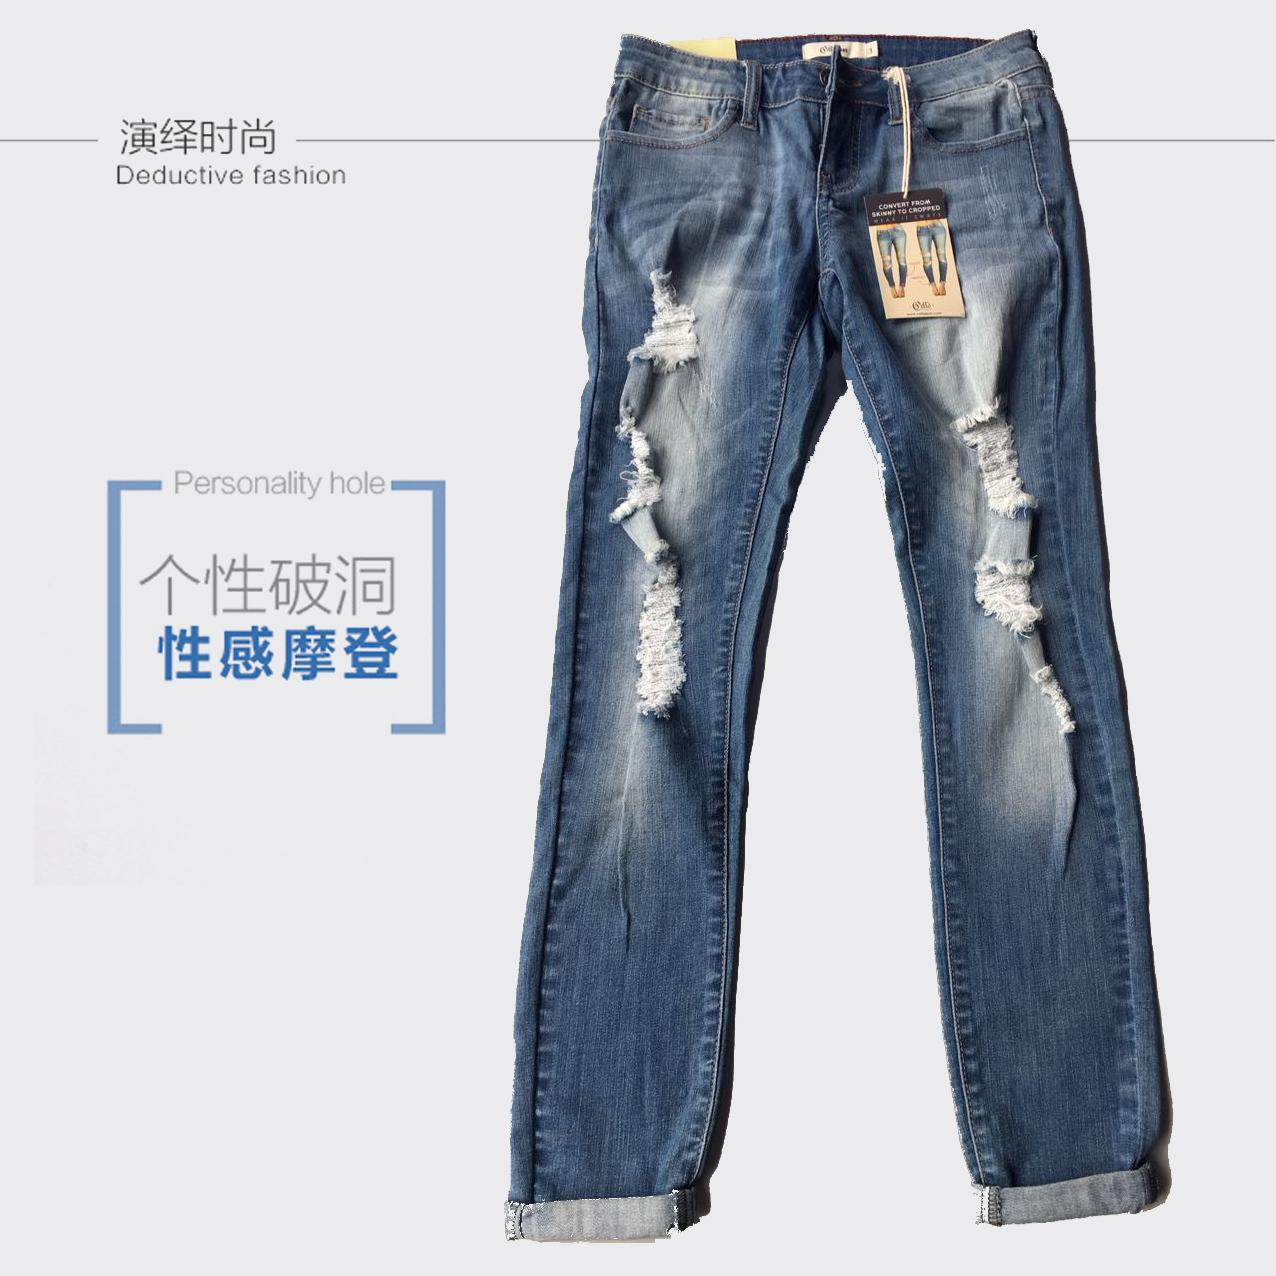 个性破洞新款时尚直筒卷边牛仔裤